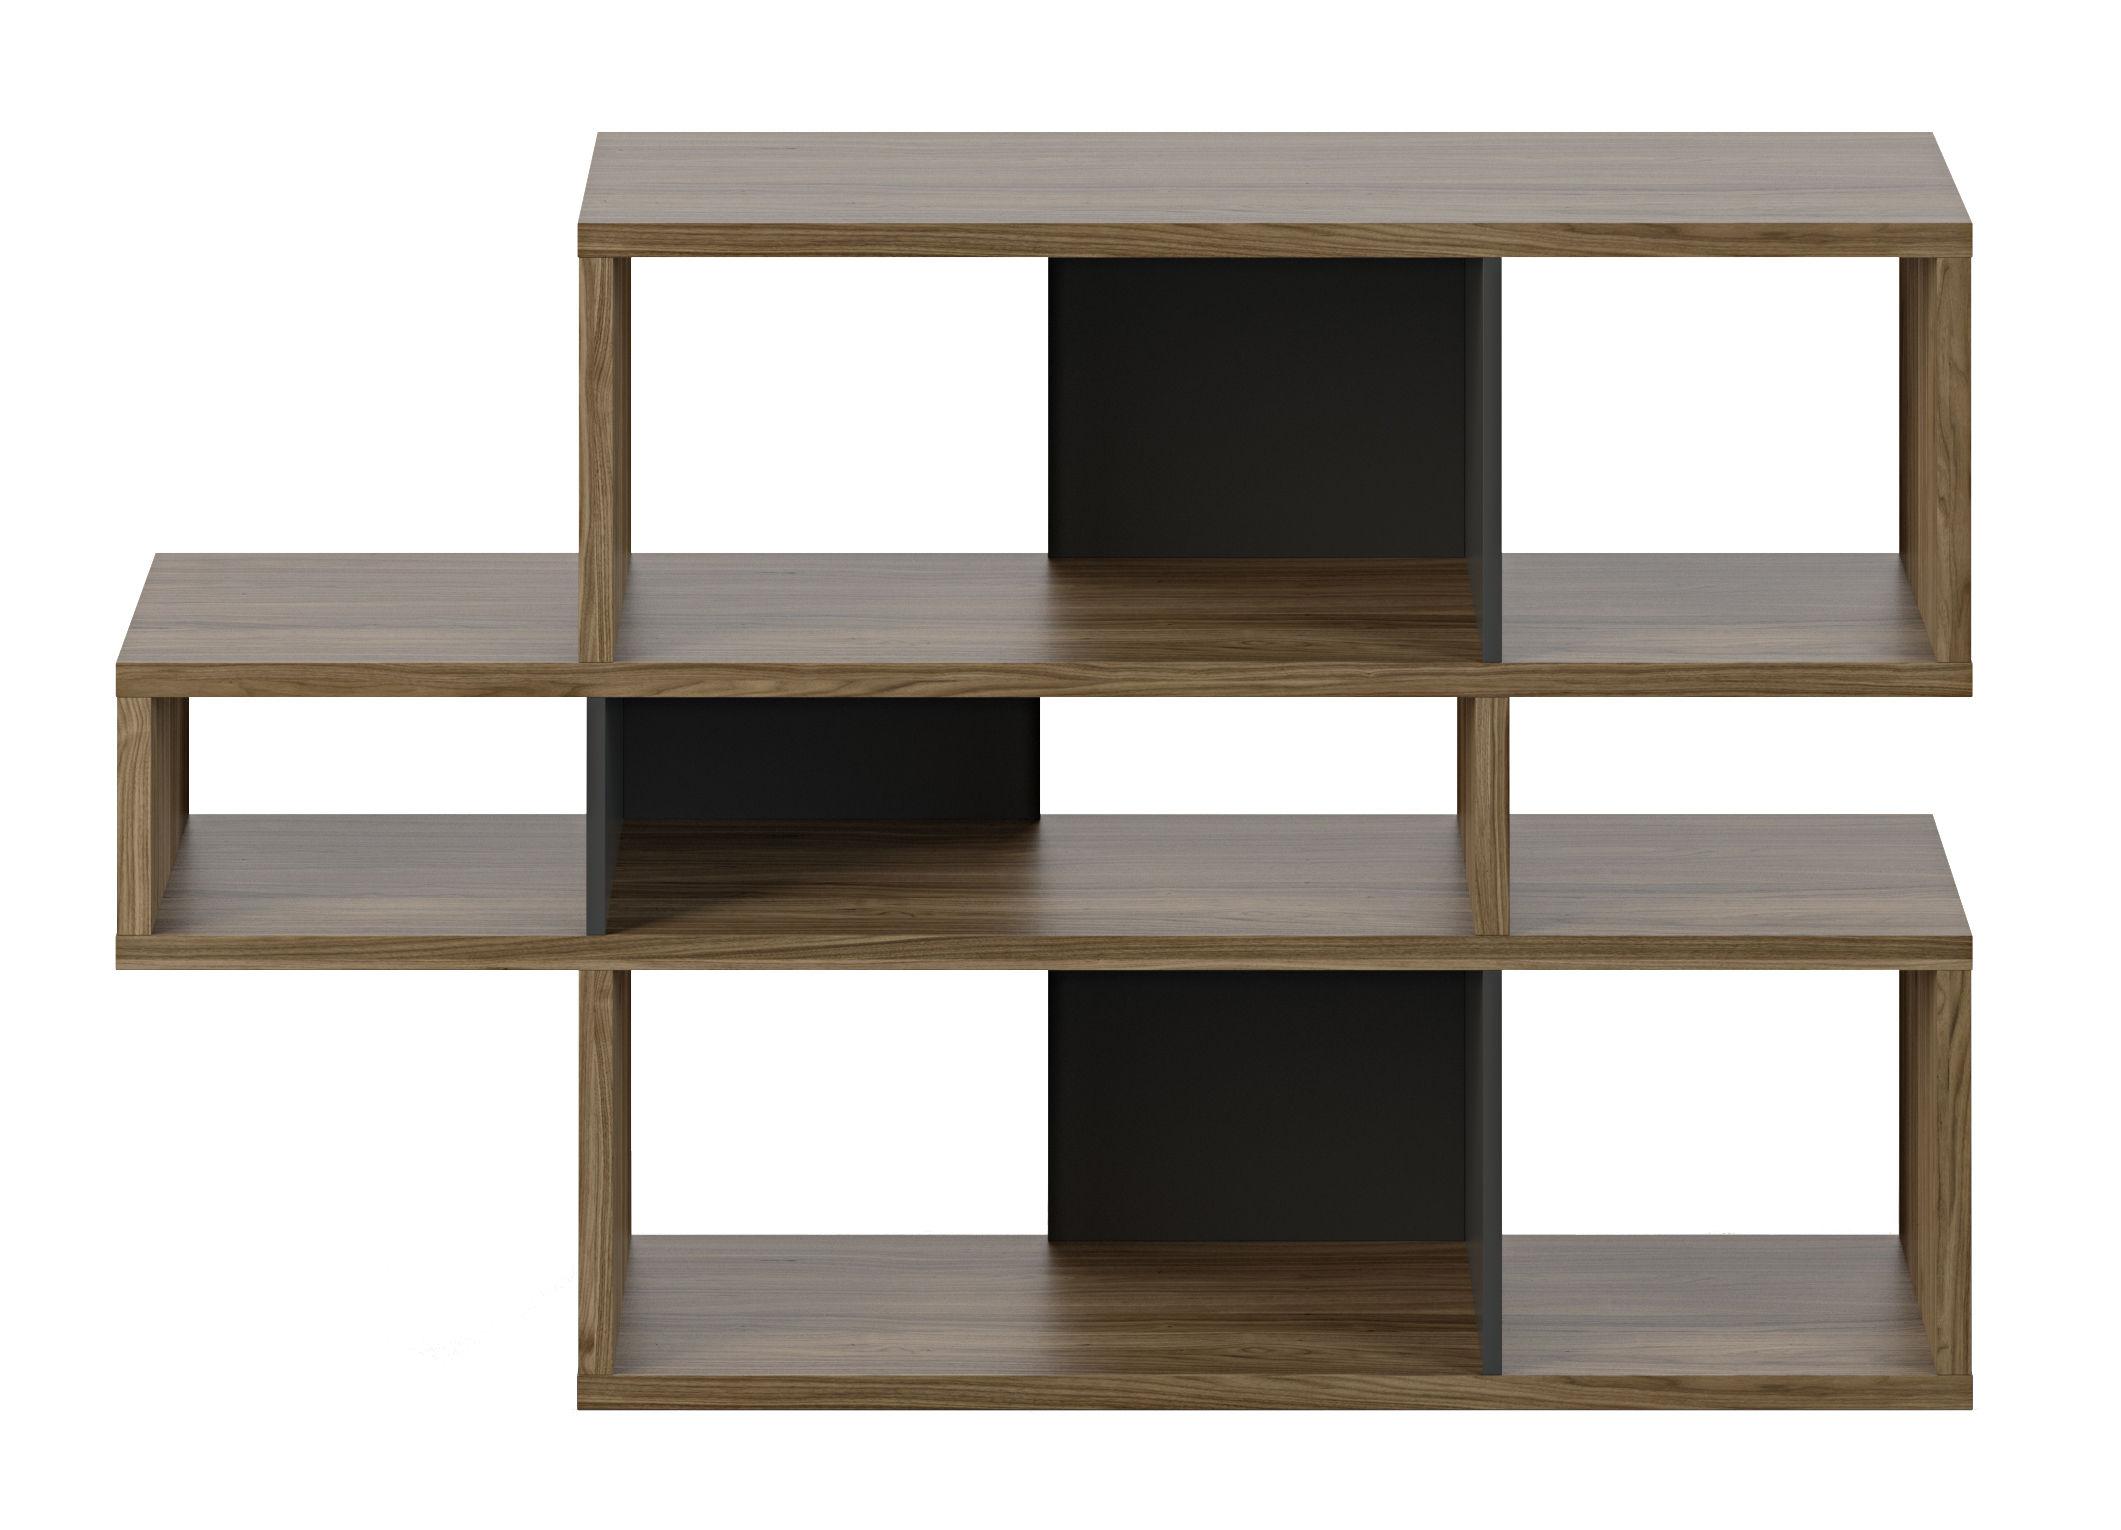 Mobilier - Etagères & bibliothèques - Bibliothèque Shift 01 / L 156 x H 100 cm - POP UP HOME - Noyer / Panneaux noirs - Contreplaqué noyer, Panneaux alvéolaires